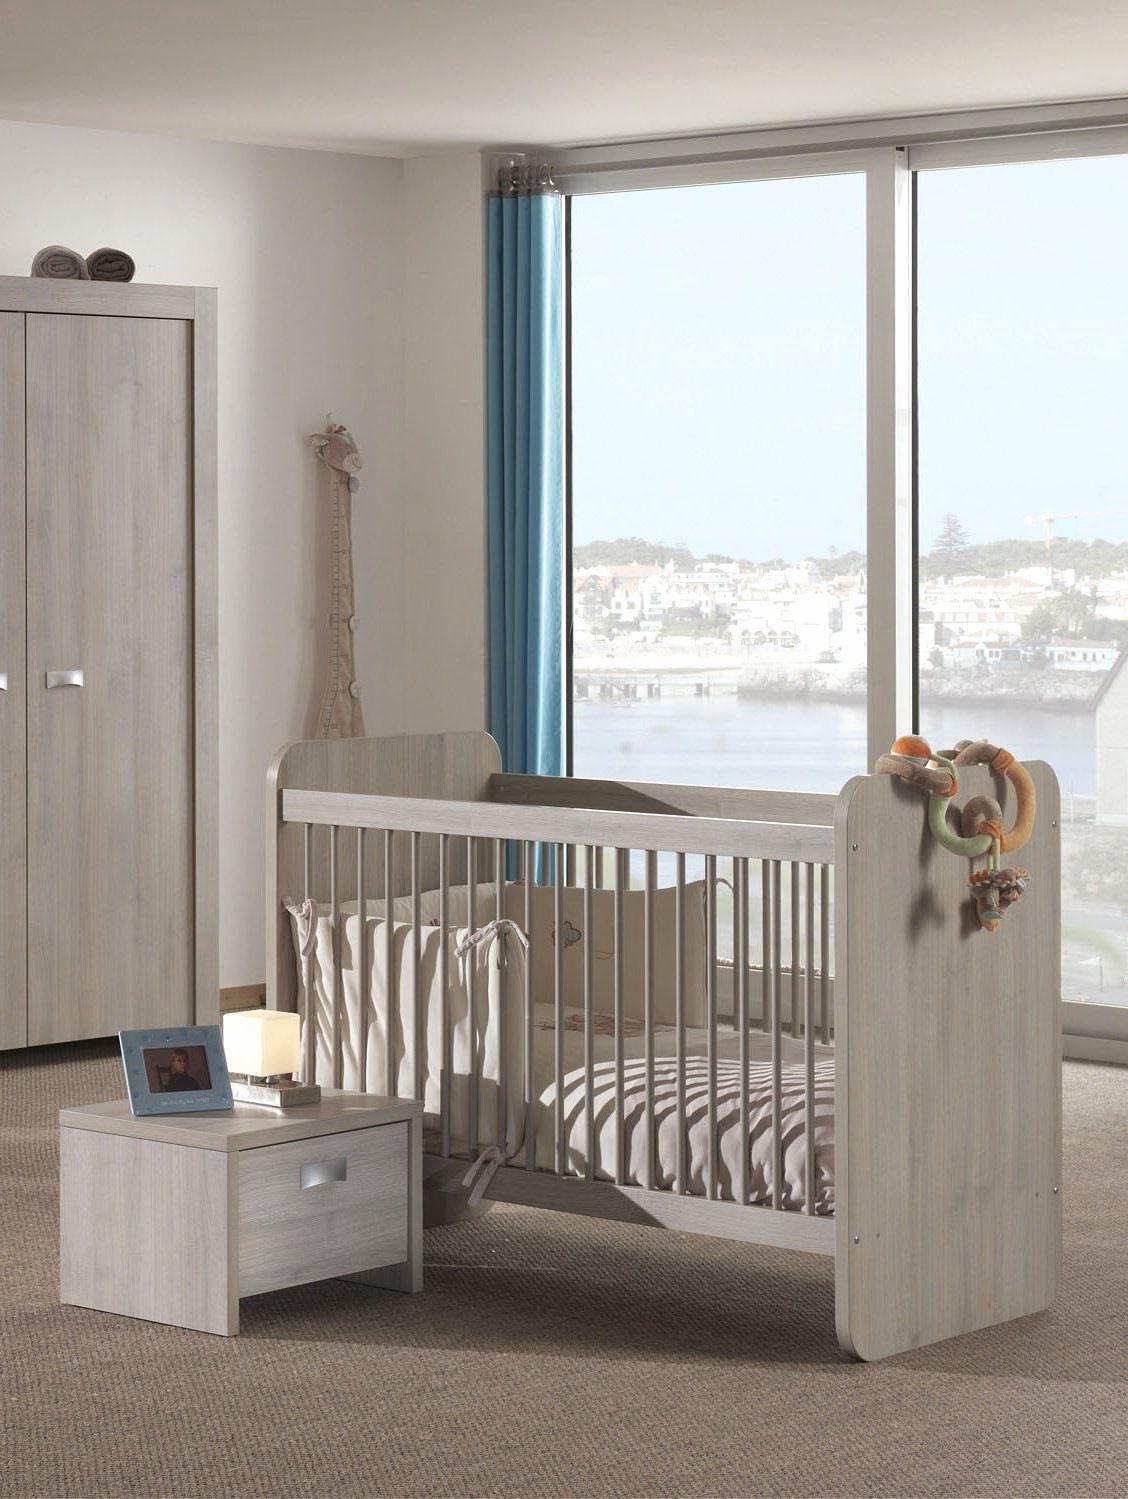 Lit Bébé 2 Ans Conforama Beau Lit Bébé Design Mode Bébé Ikea Meilleur De S Conforama Chambre B 6